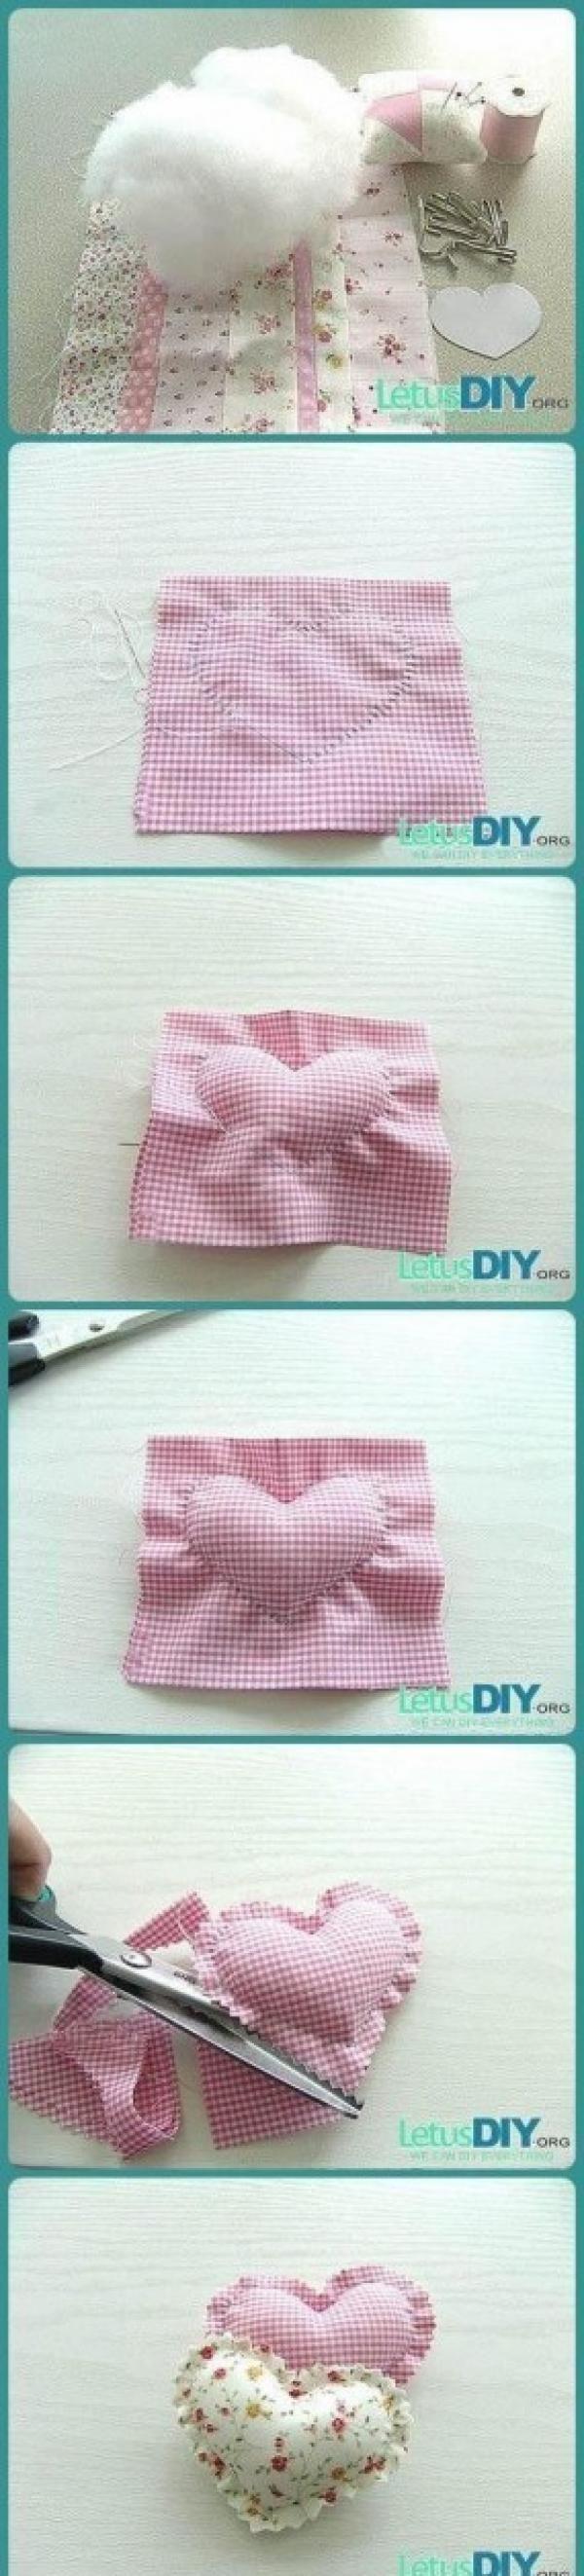 DIY : Confectionner des cœurs en tissus.